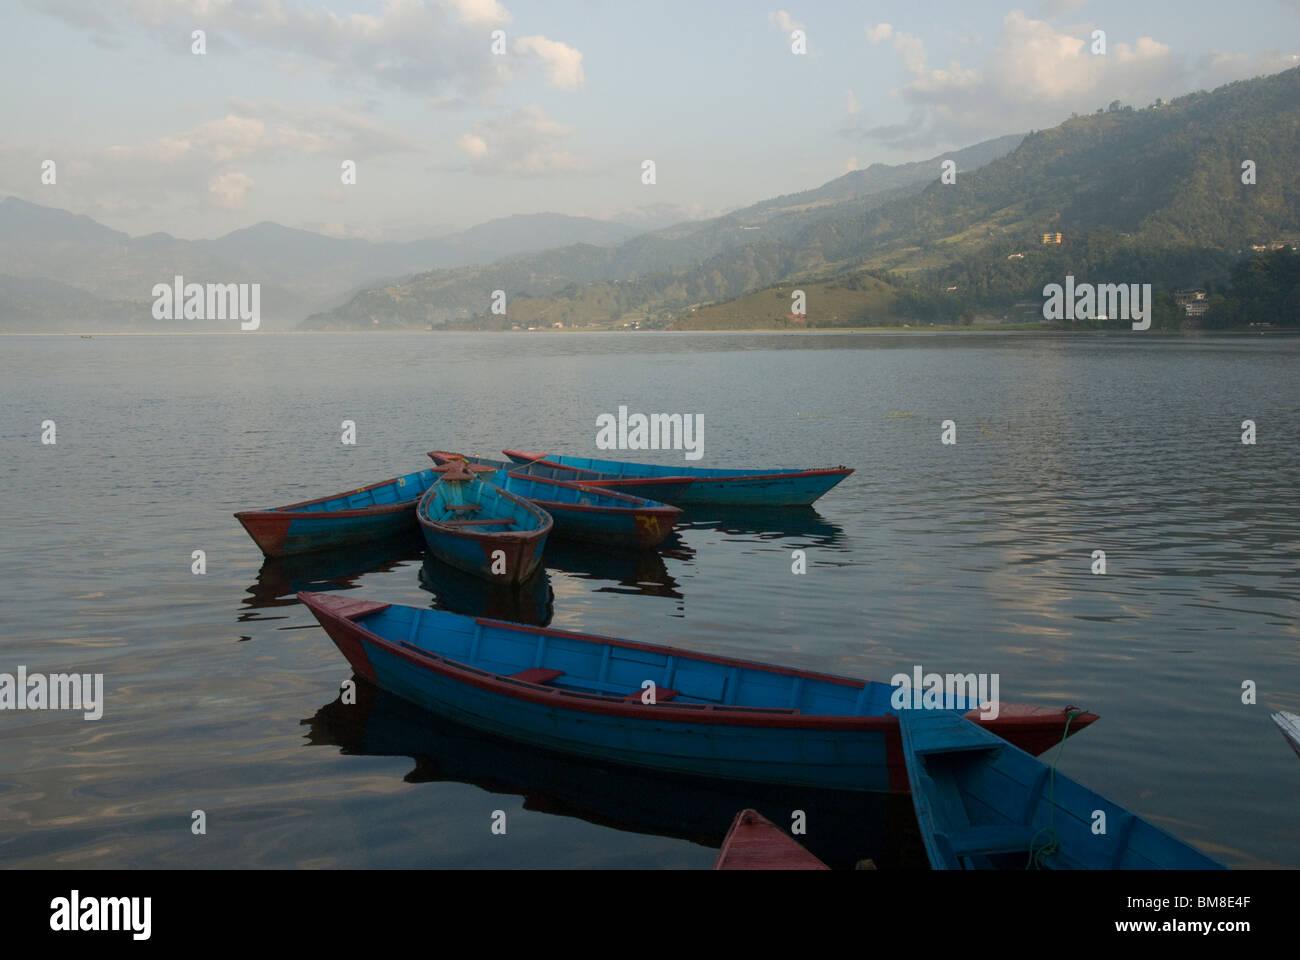 Boats on lake, early morning, Phewa Tal lake, Pokhara, Nepal - Stock Image